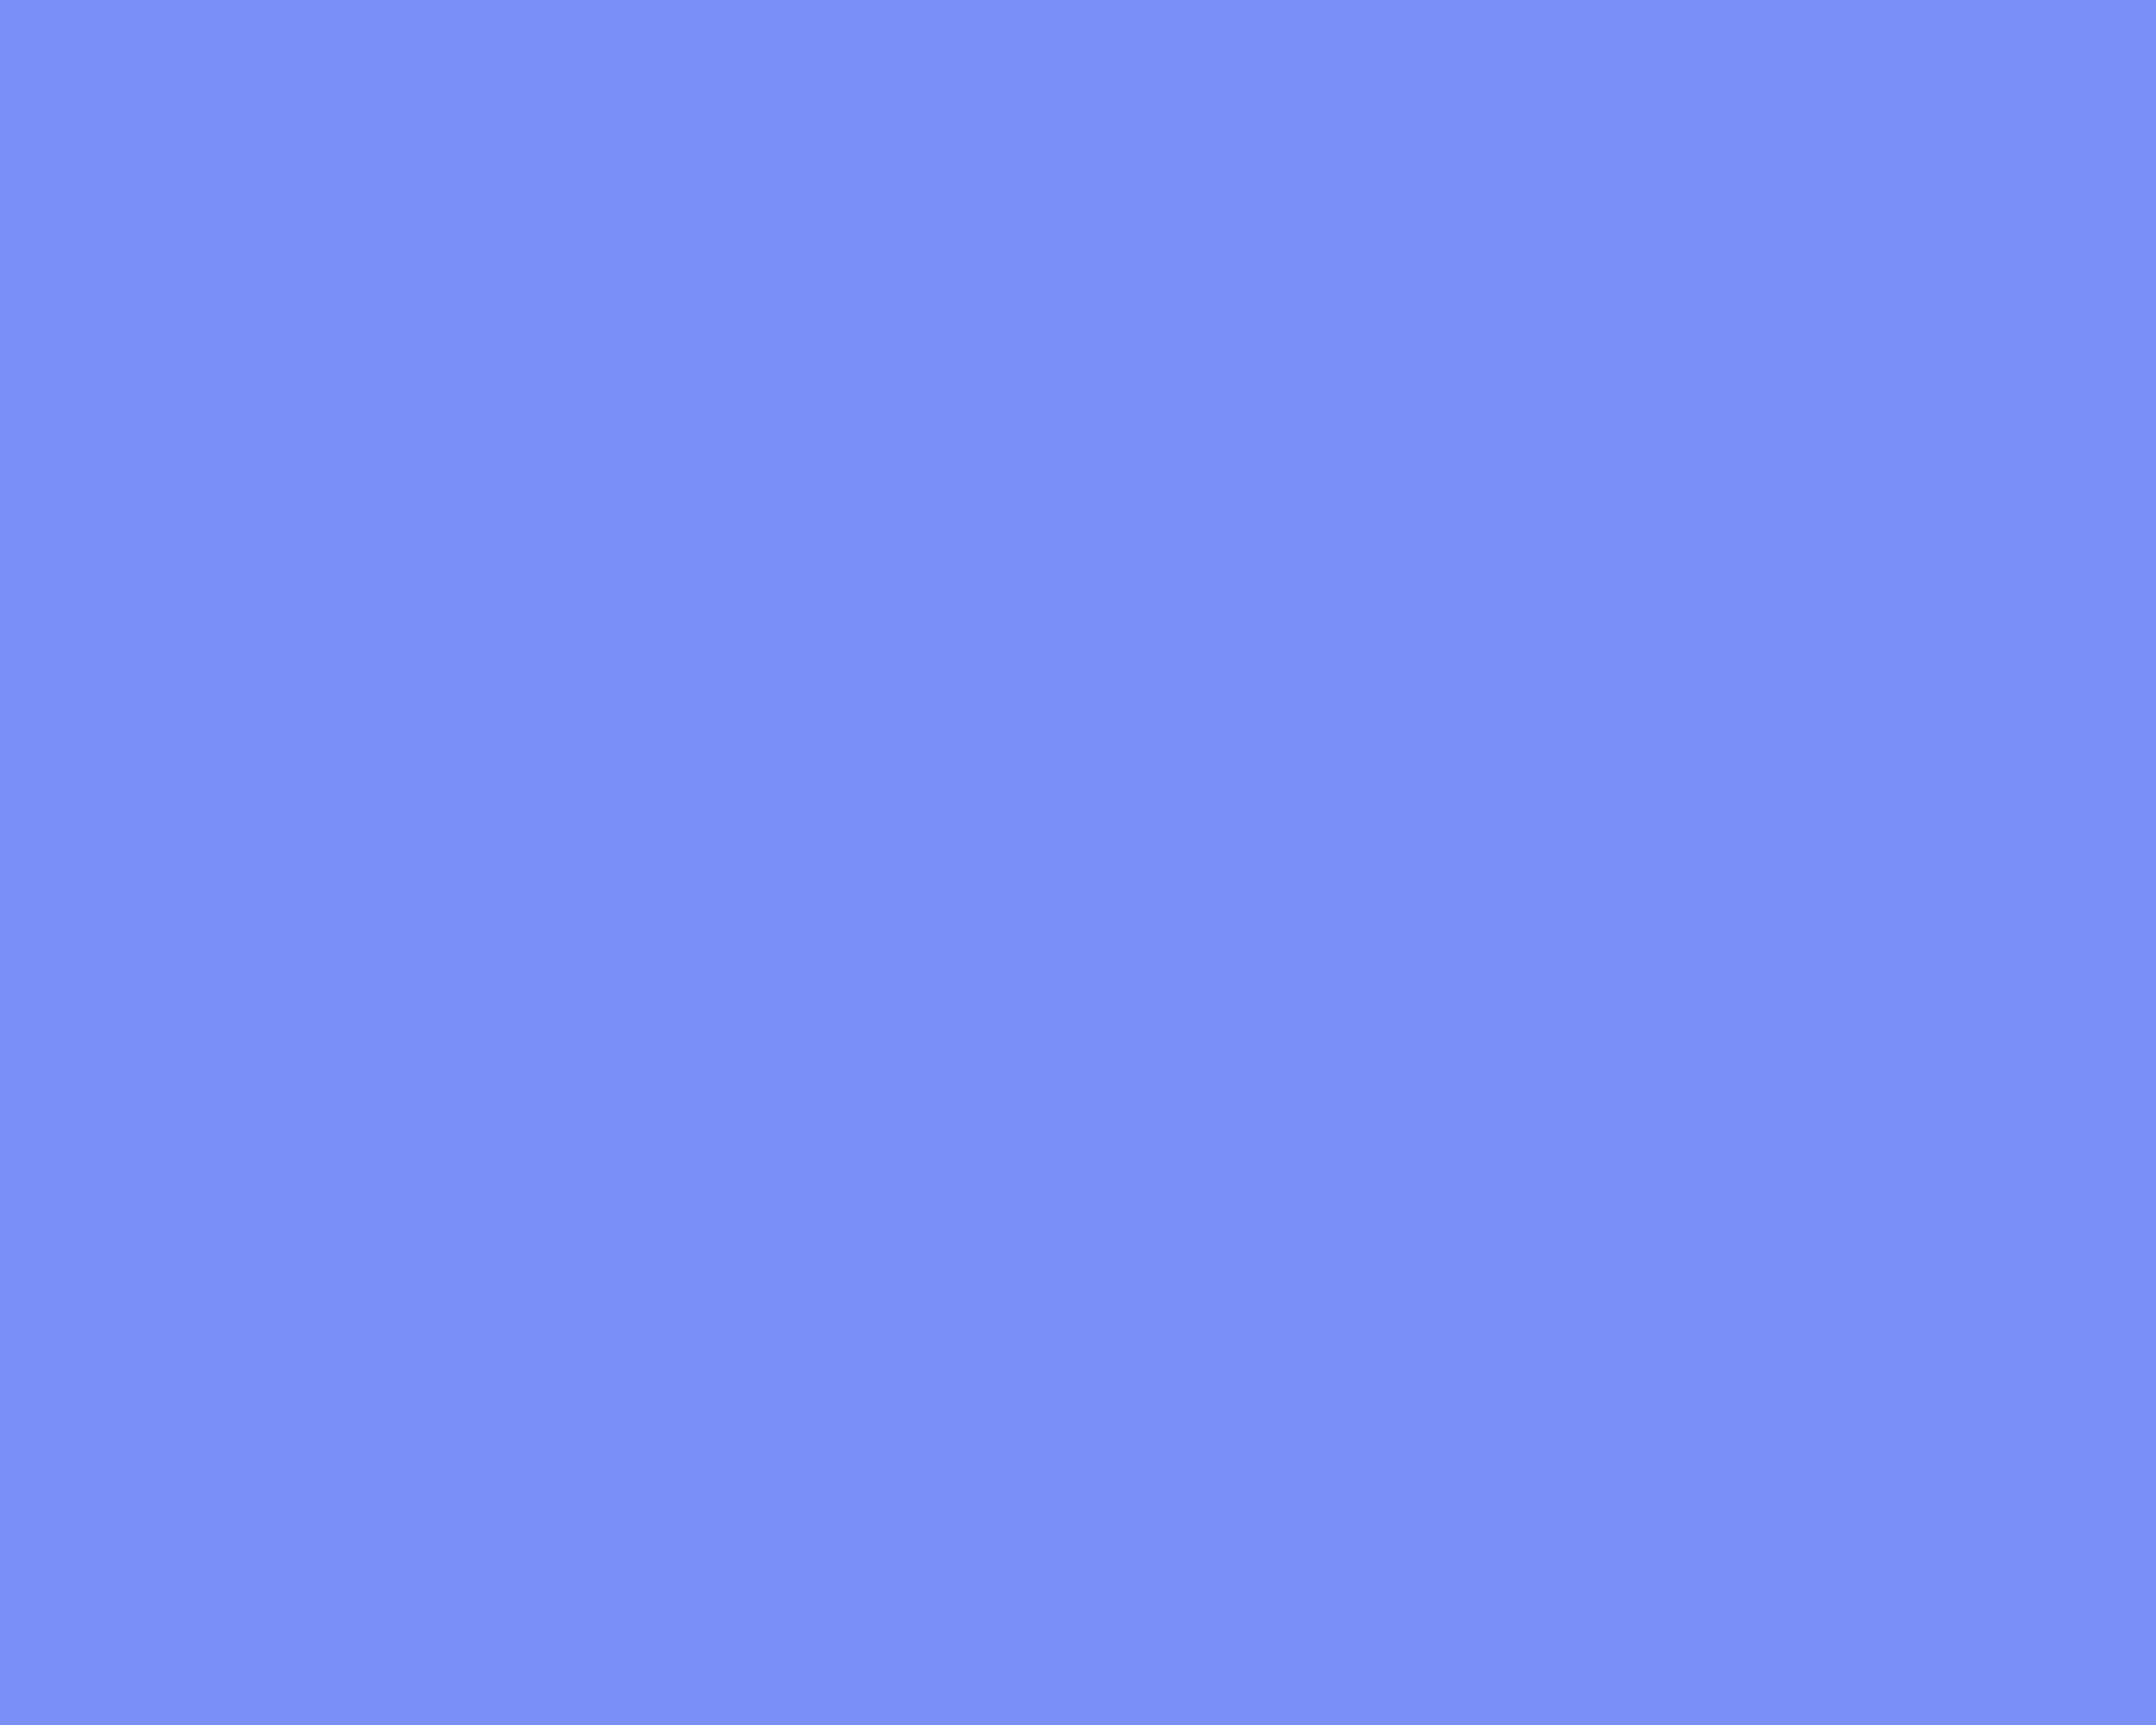 Fonkelnieuw Blue page BL-51